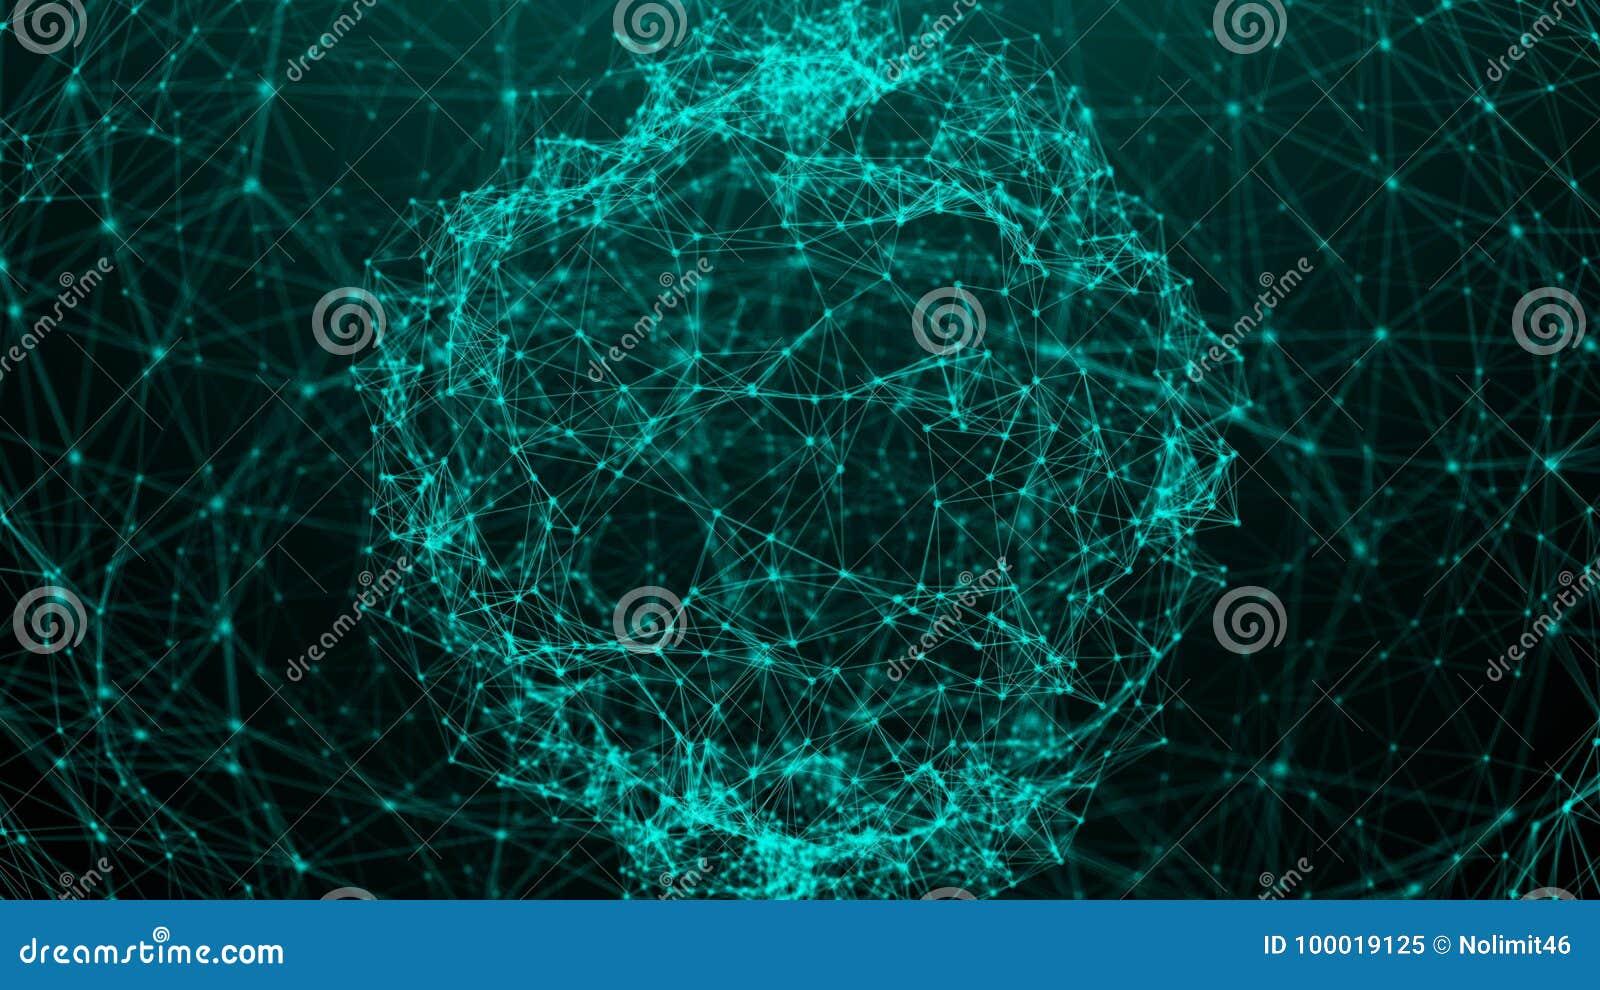 Abstrakter Hintergrund mit Verbindungspunkten digitale Kugel